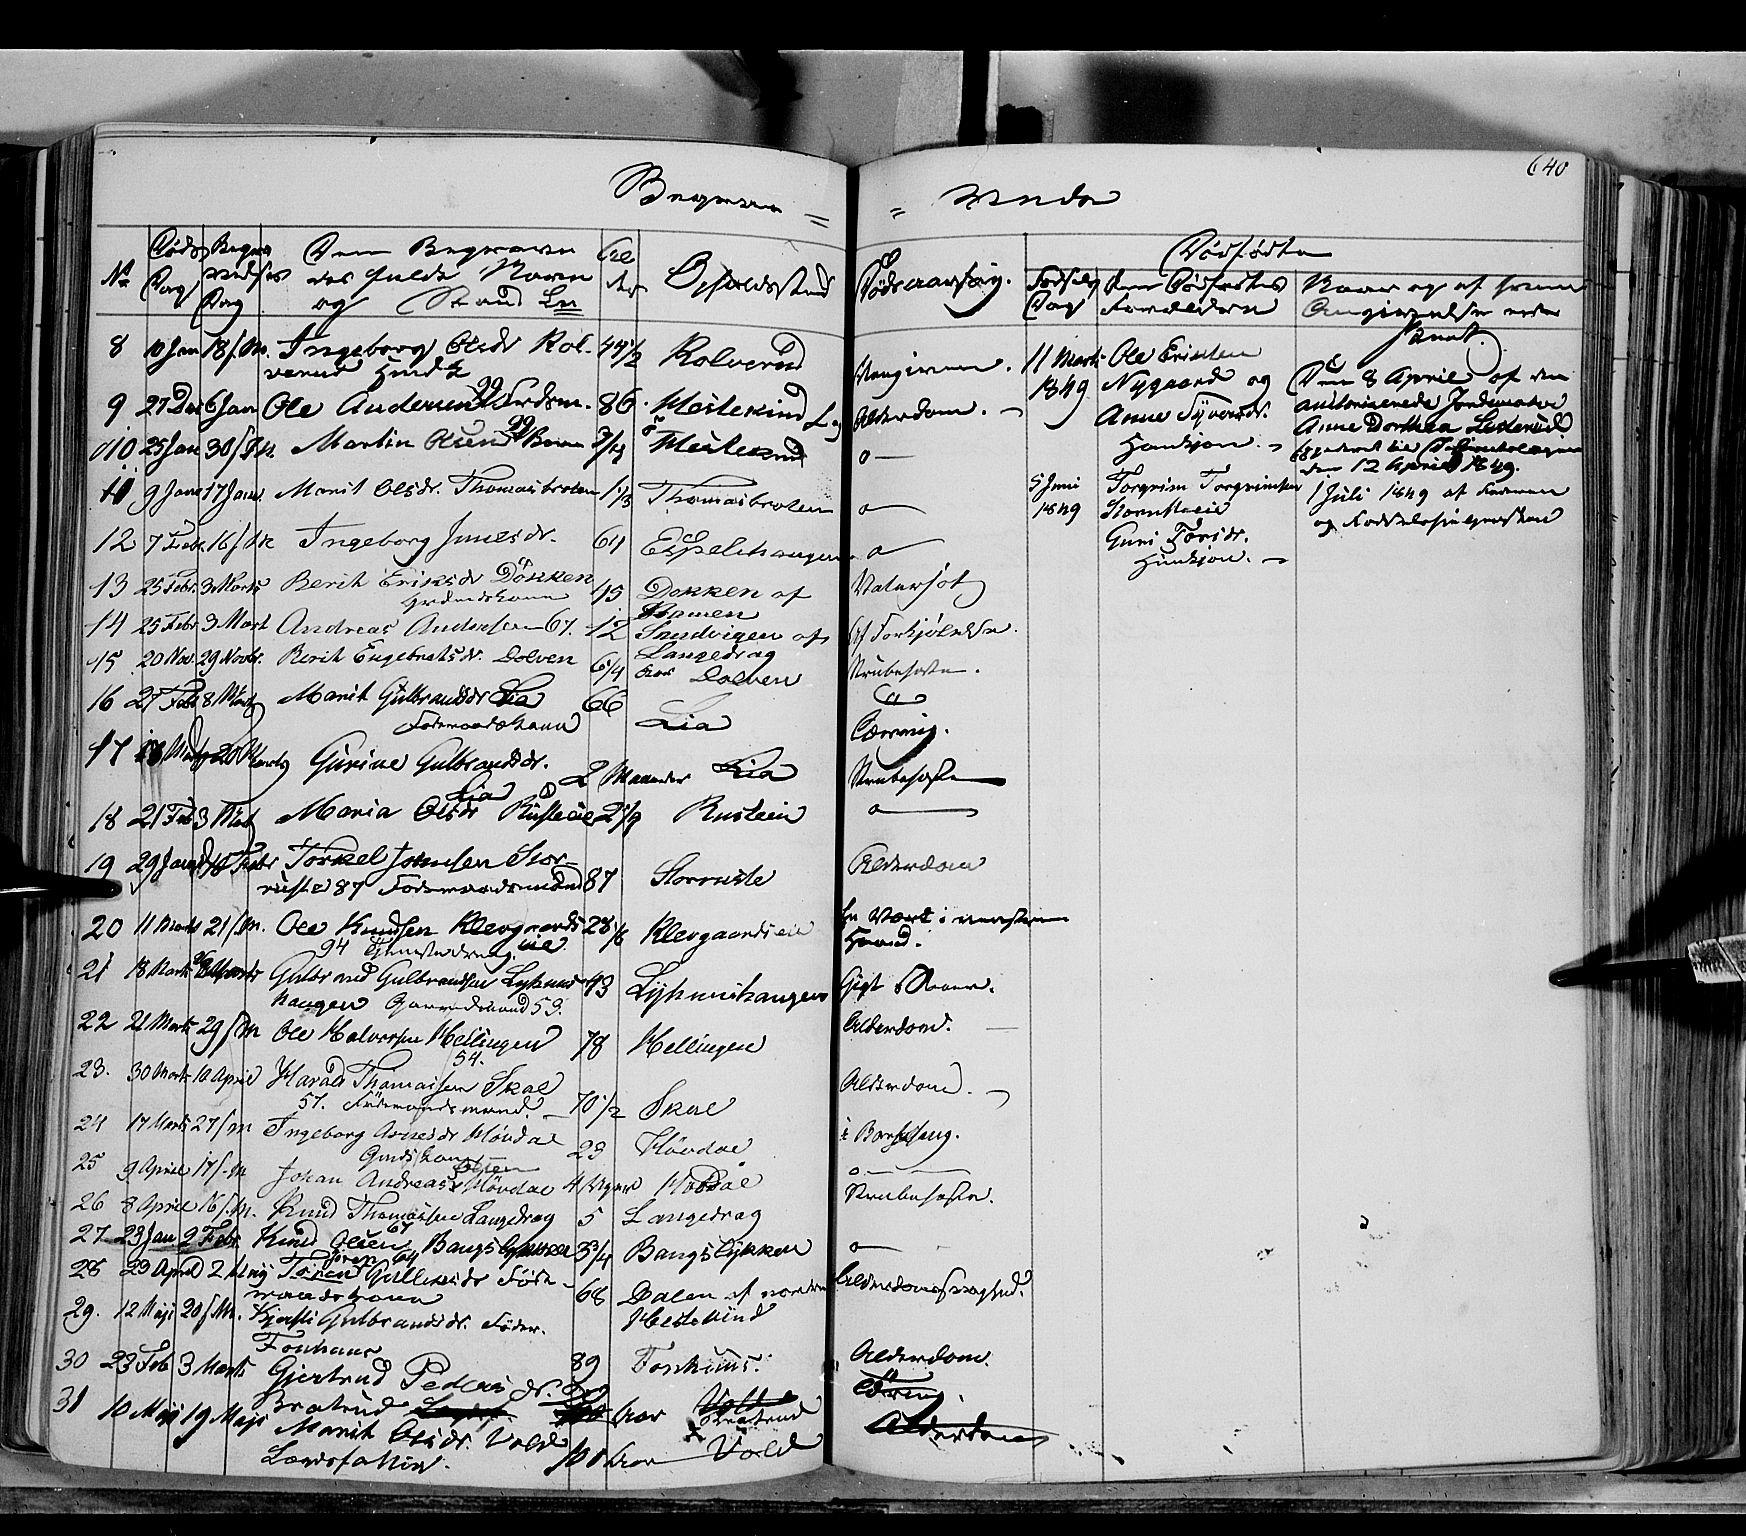 SAH, Sør-Aurdal prestekontor, Ministerialbok nr. 4, 1841-1849, s. 639-640